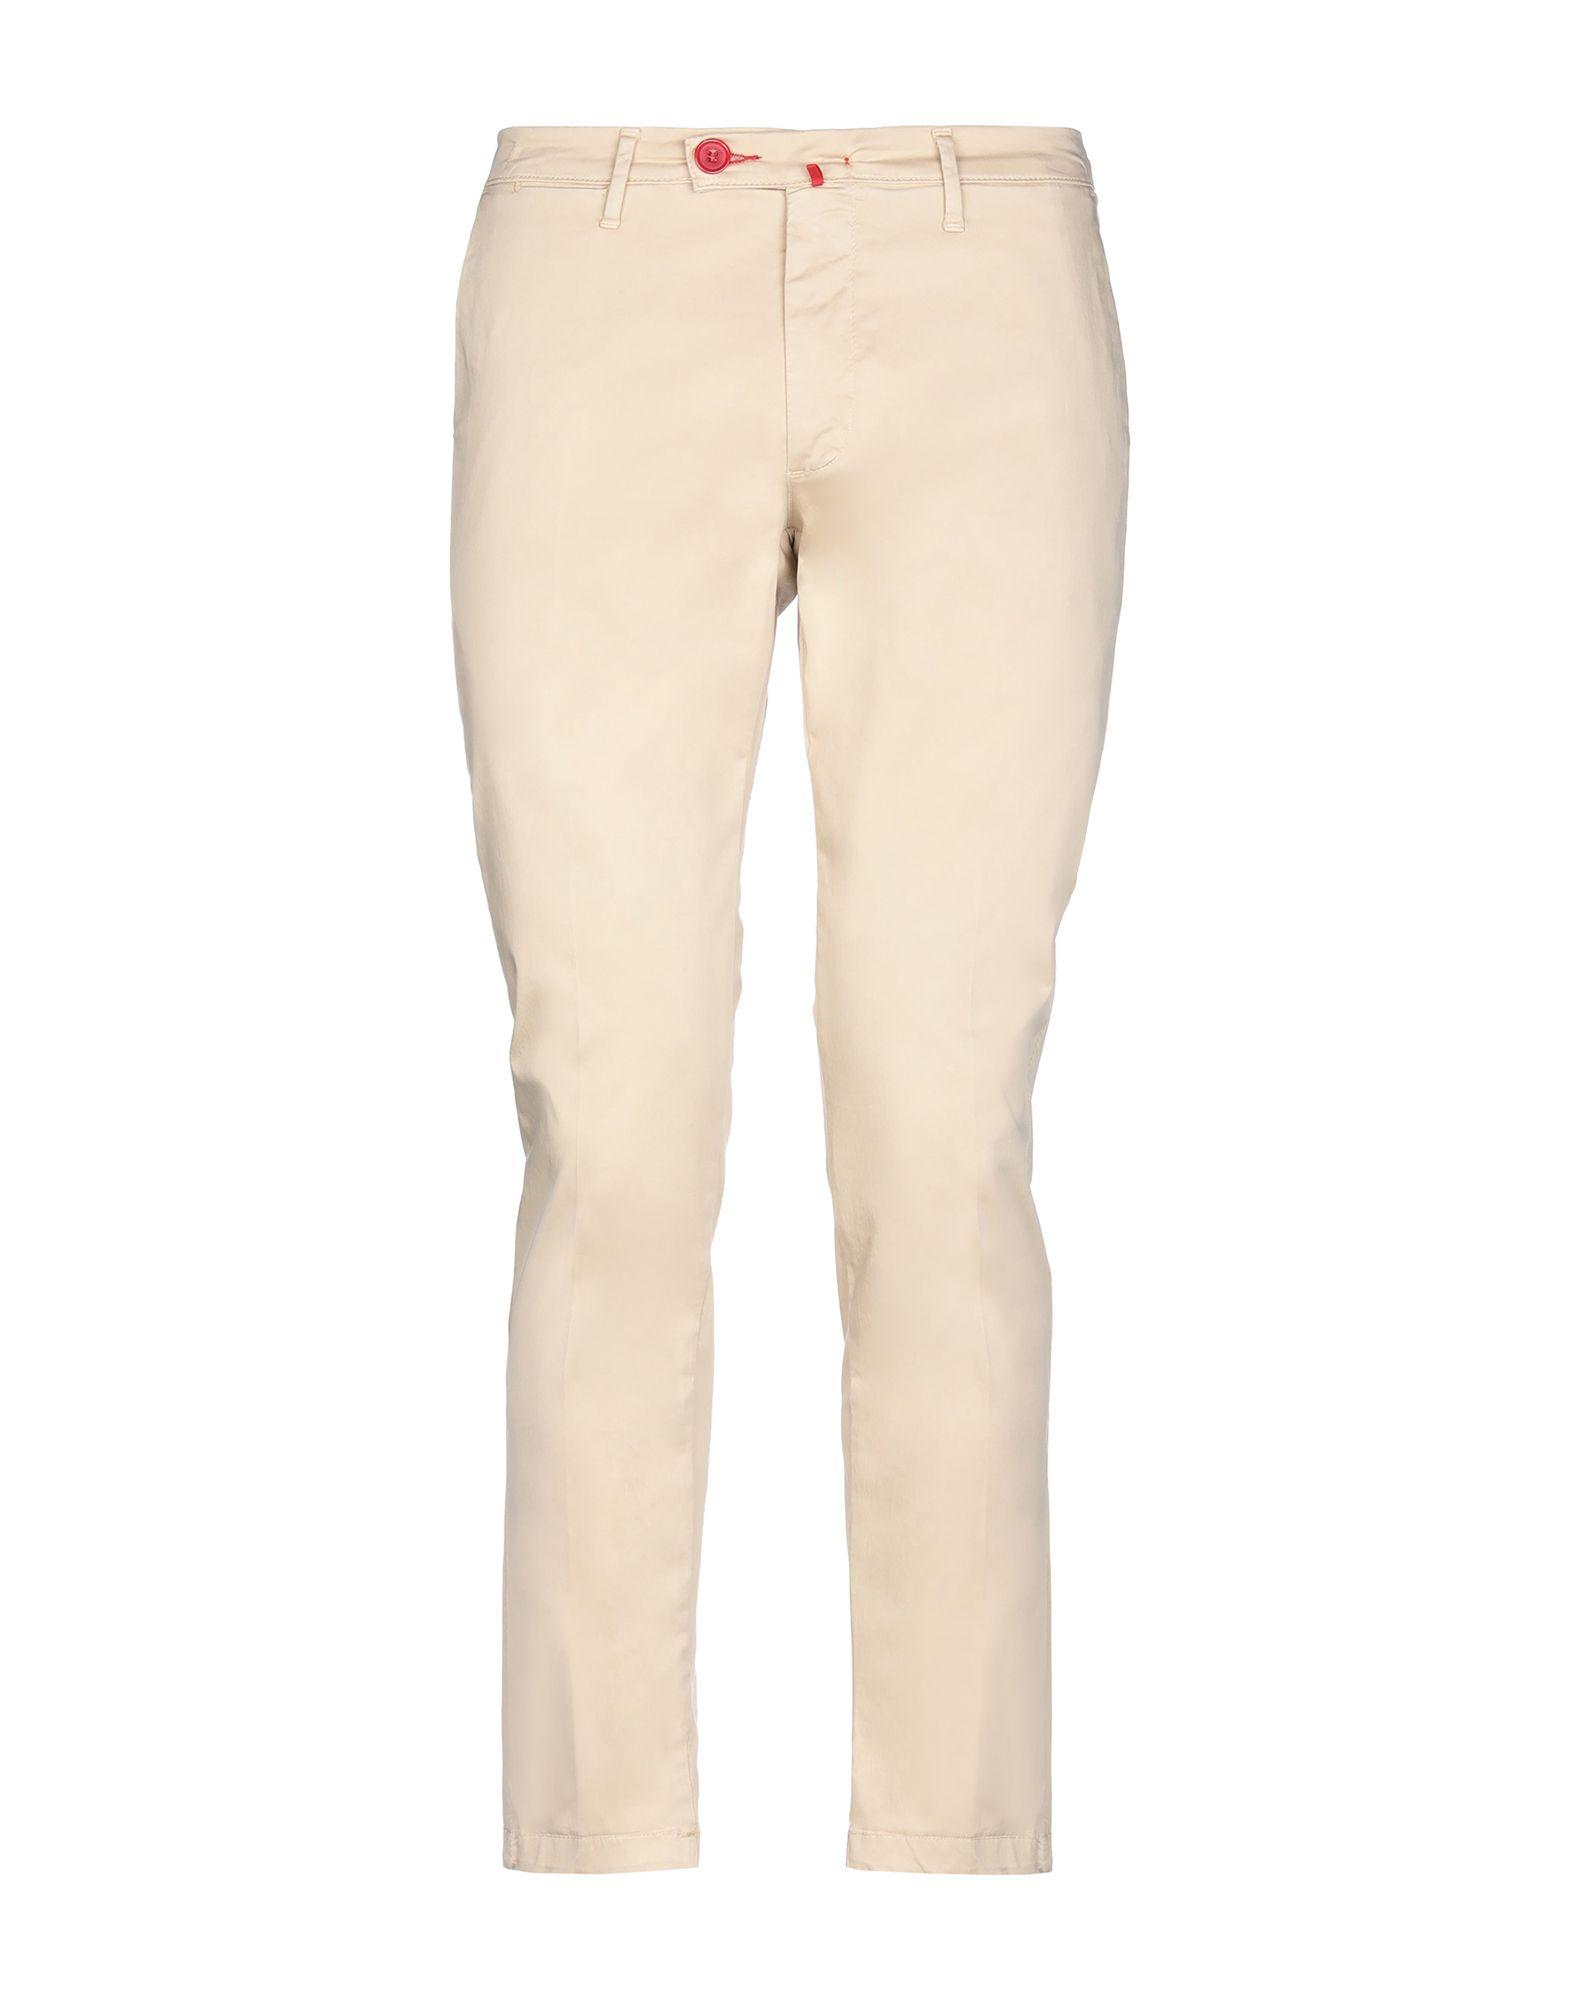 цены на JEANSENG Повседневные брюки в интернет-магазинах